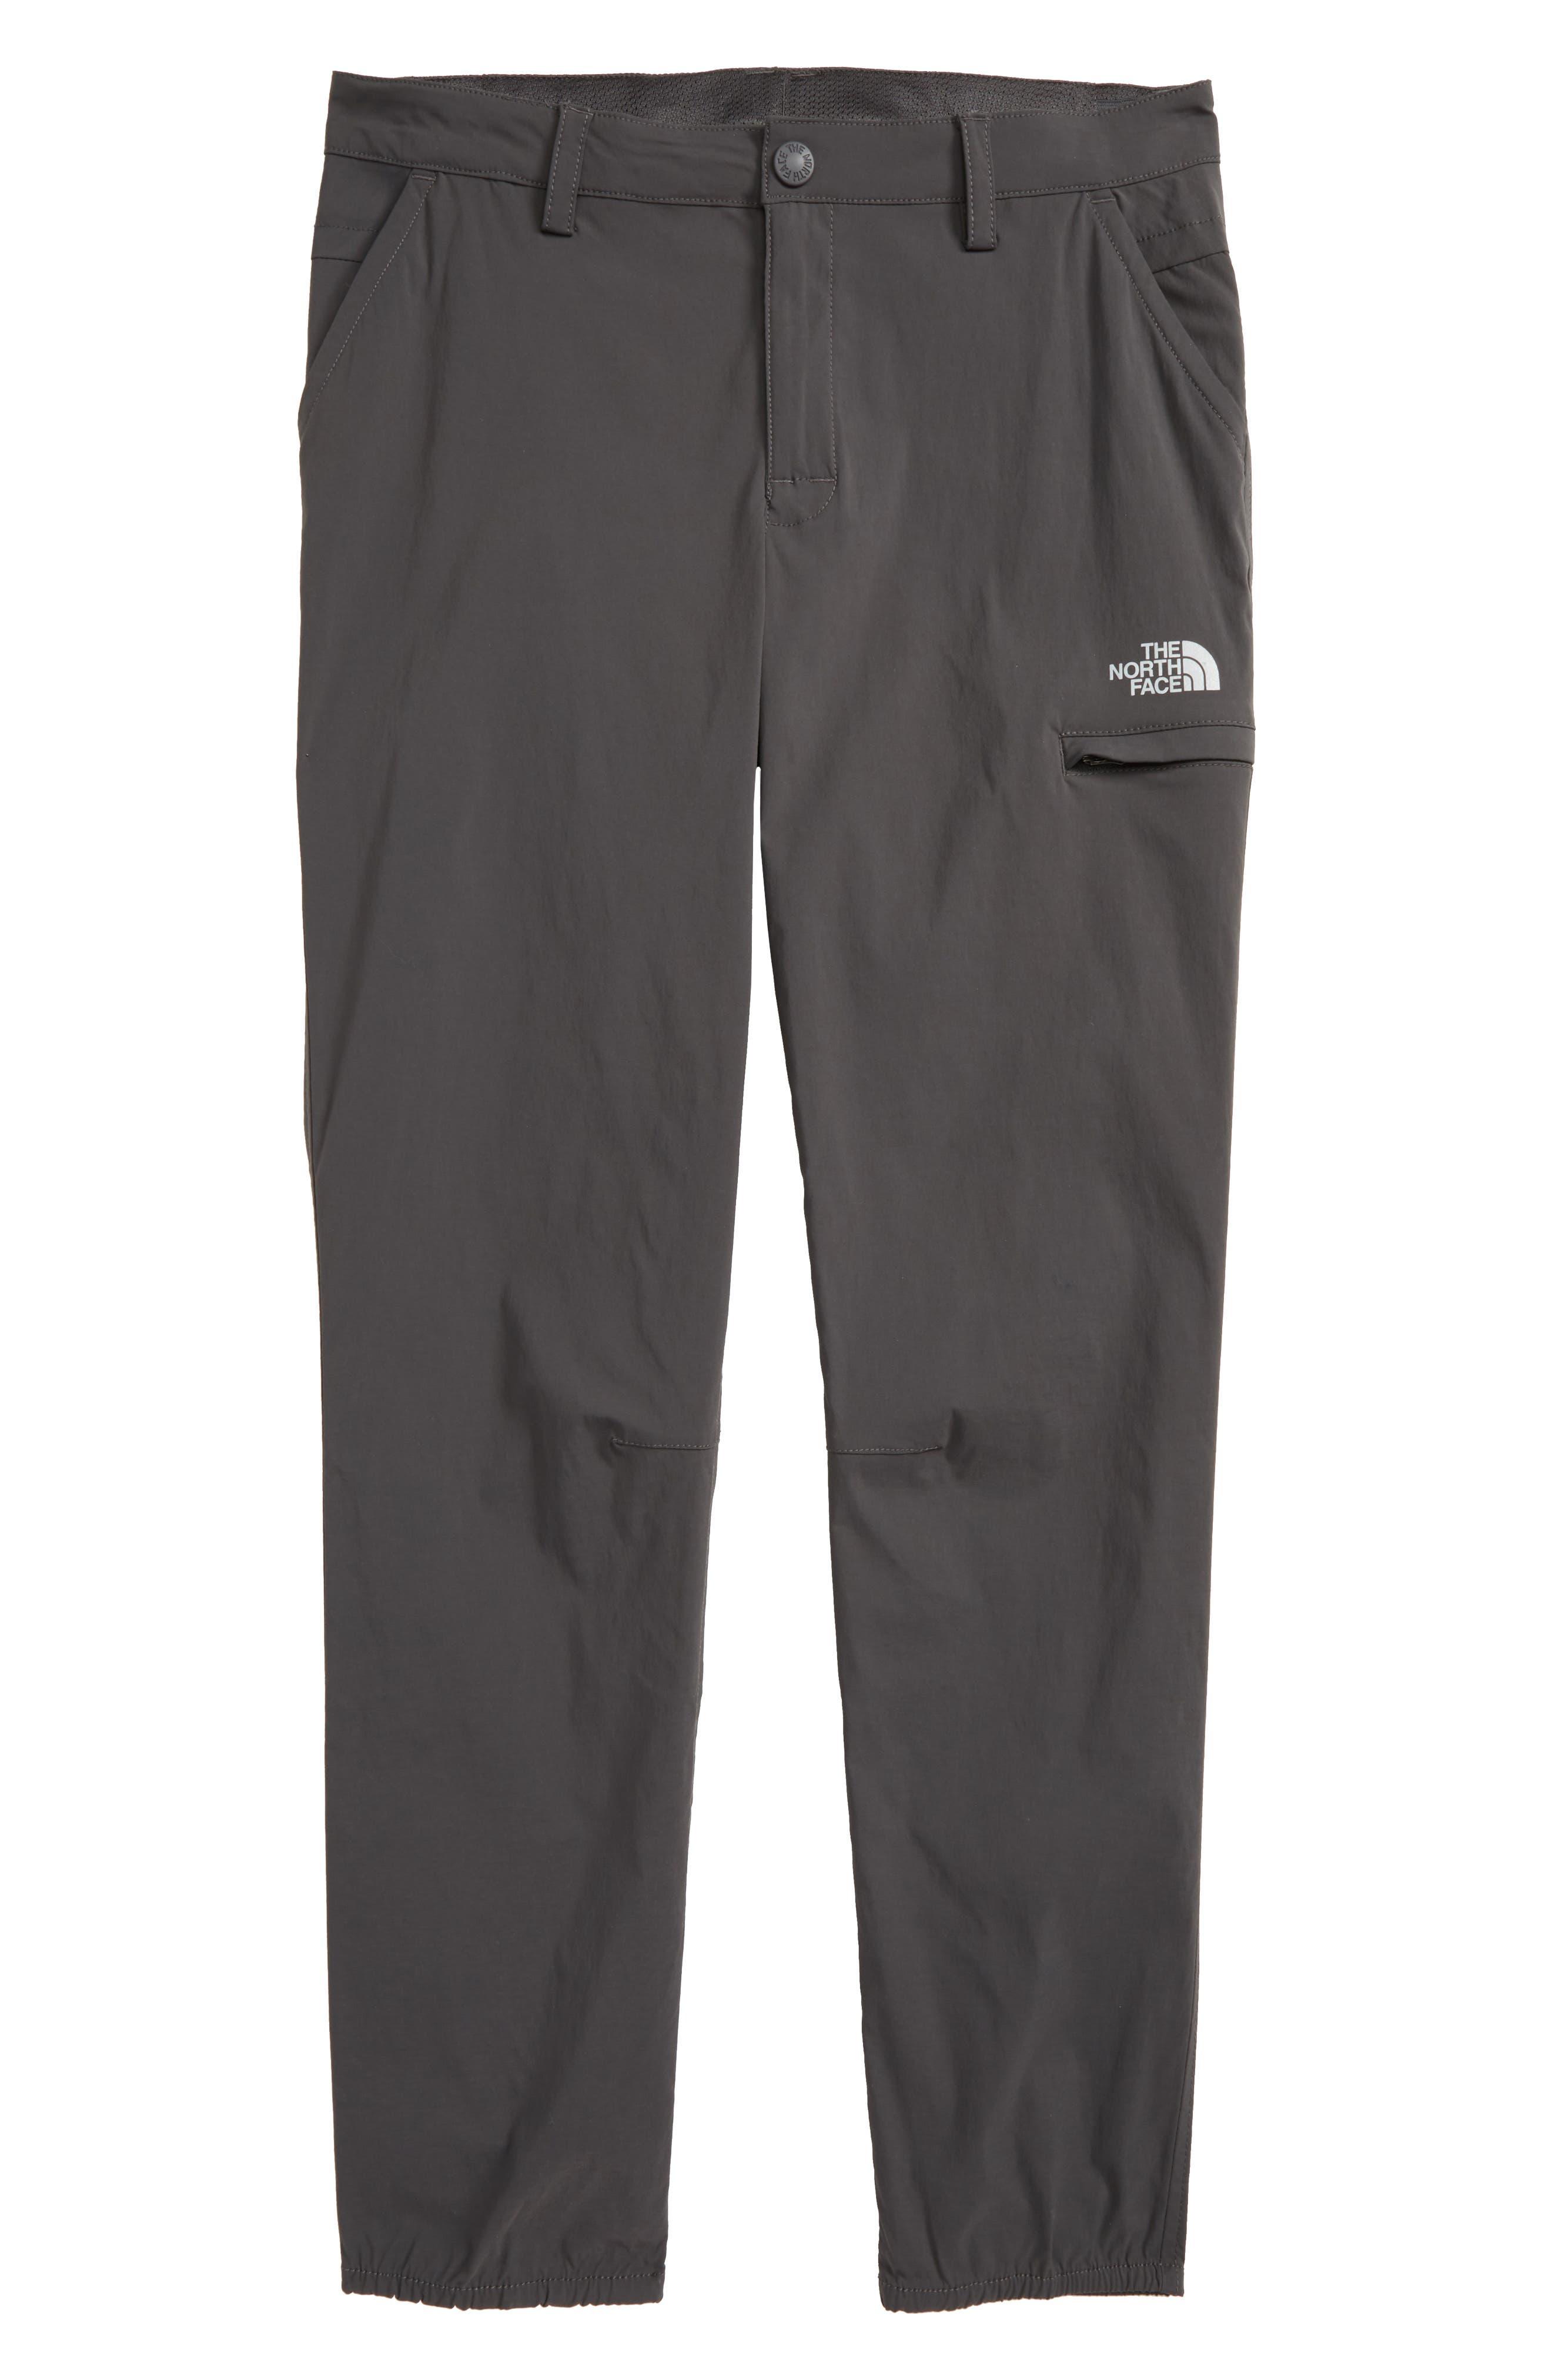 Spur Trail Pants,                             Main thumbnail 1, color,                             Graphite Grey